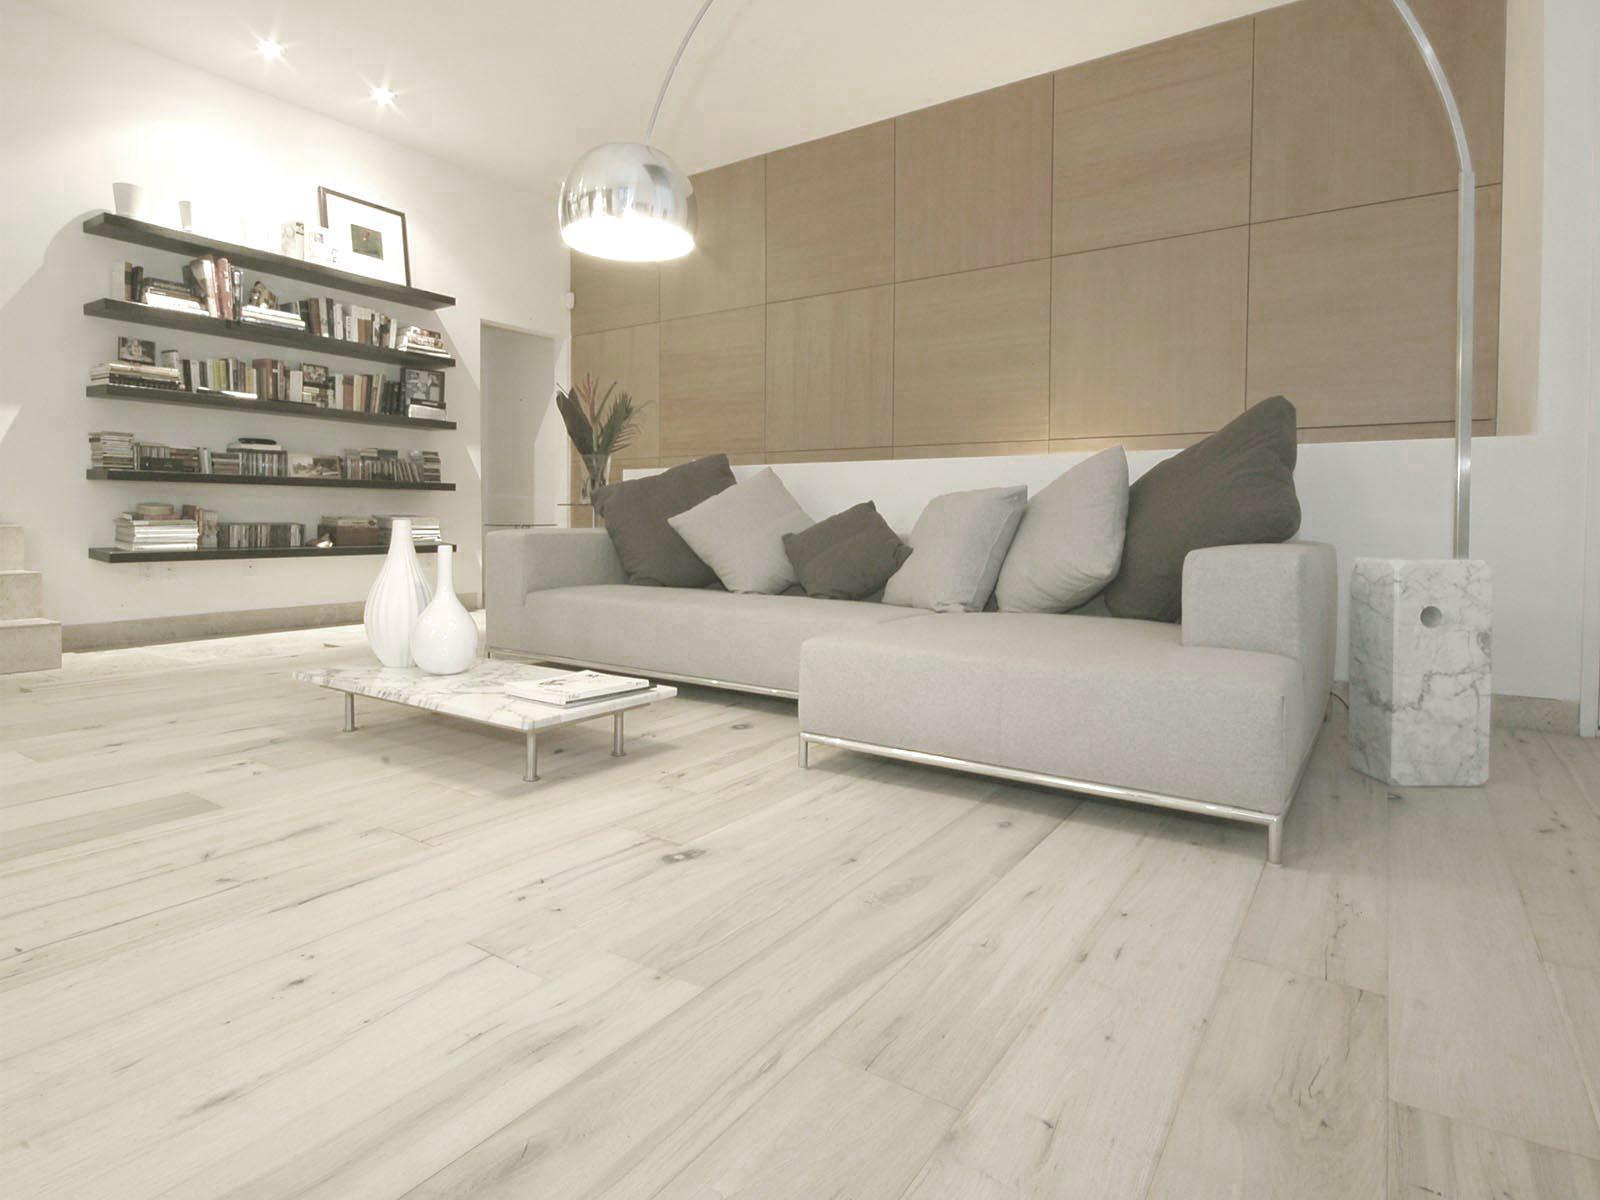 Glue Down Hardwood Floors